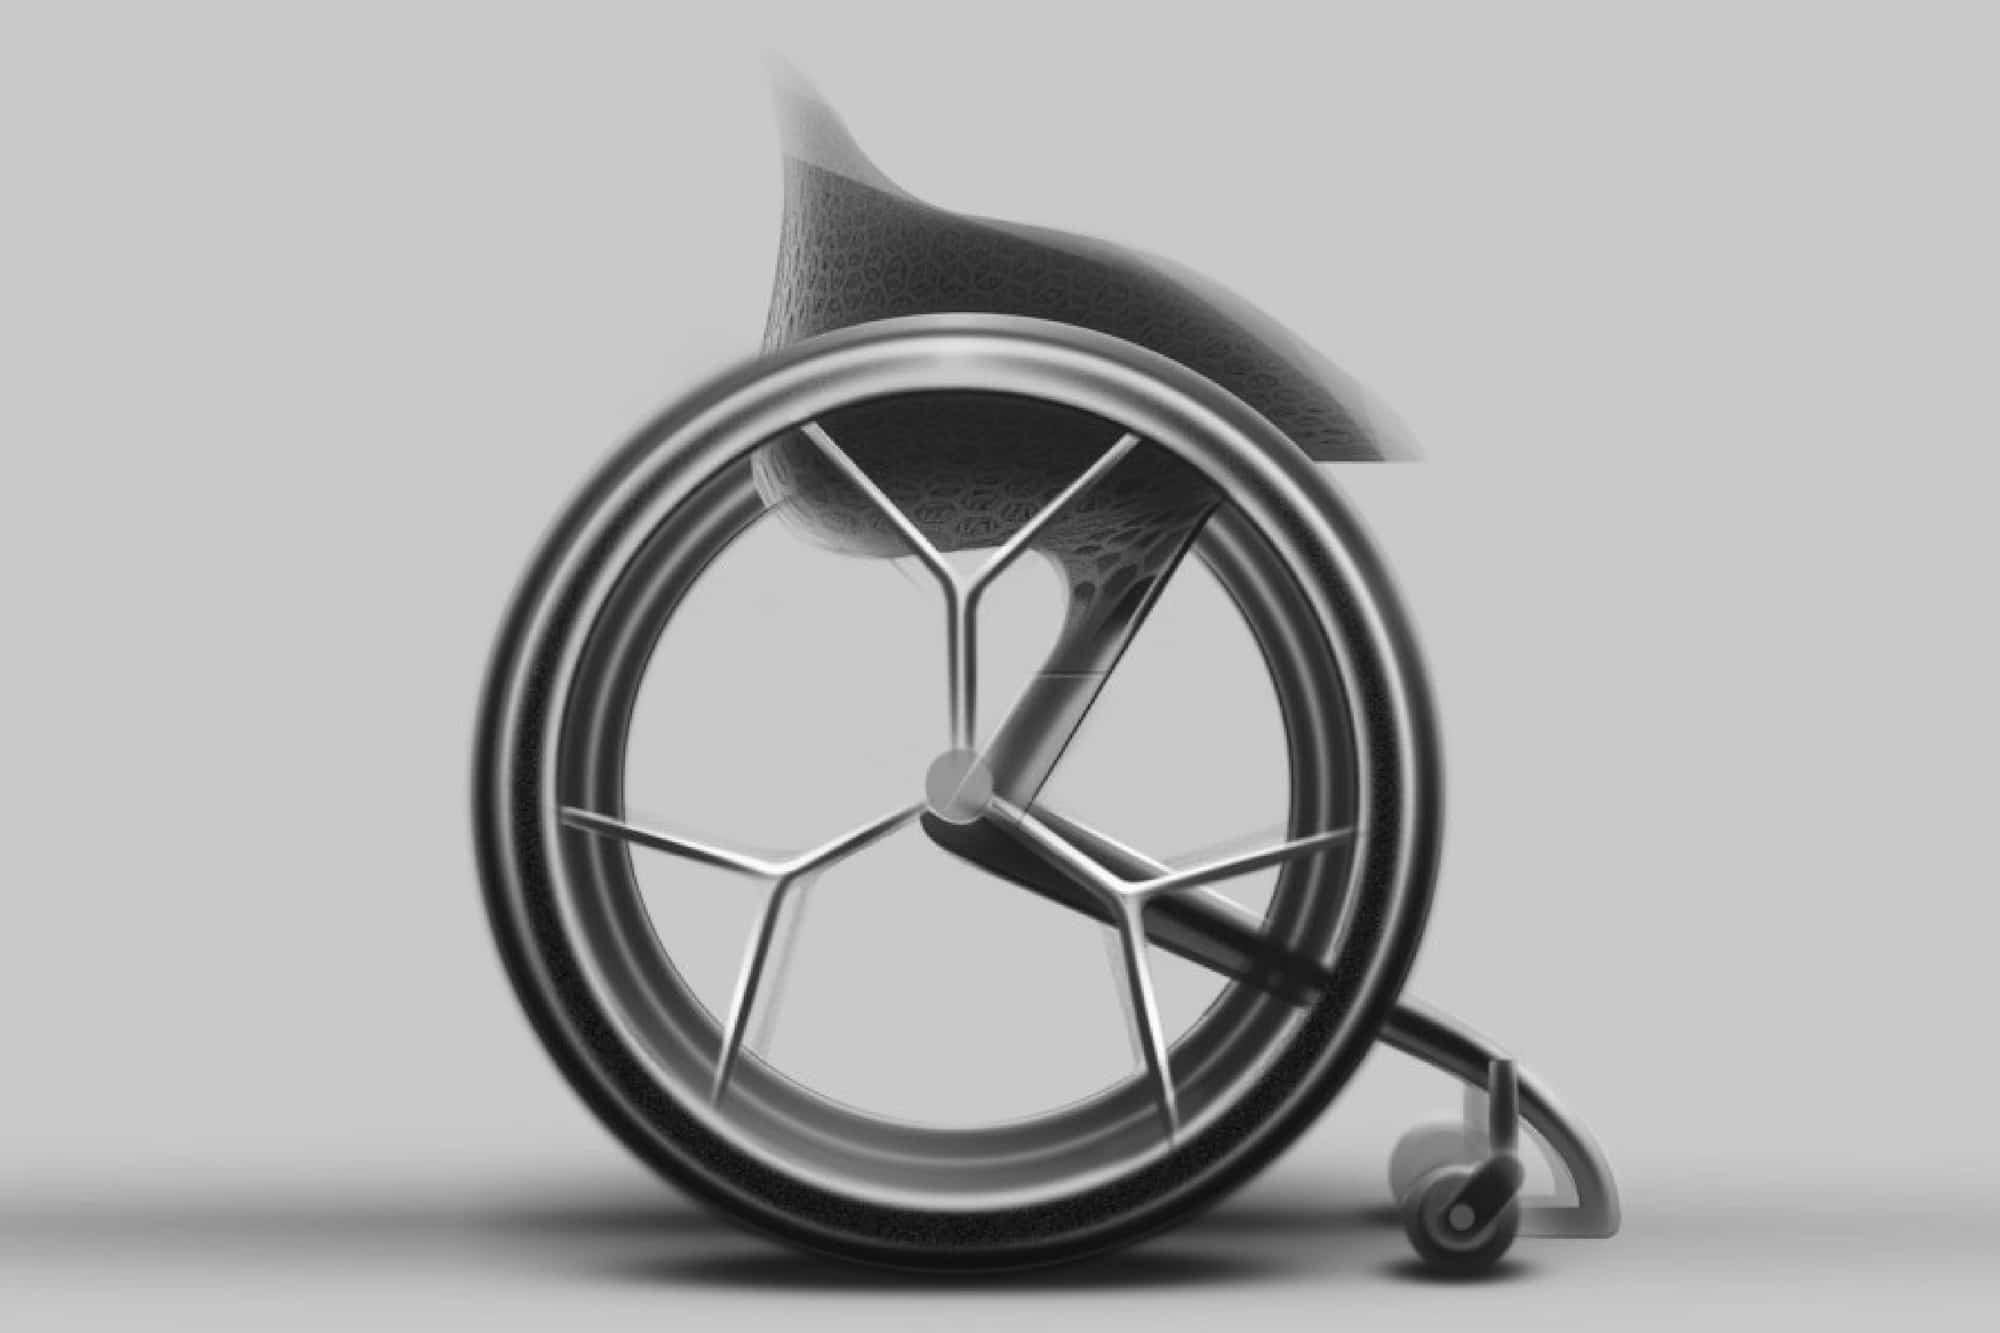 Modélisation du fauteuil Go